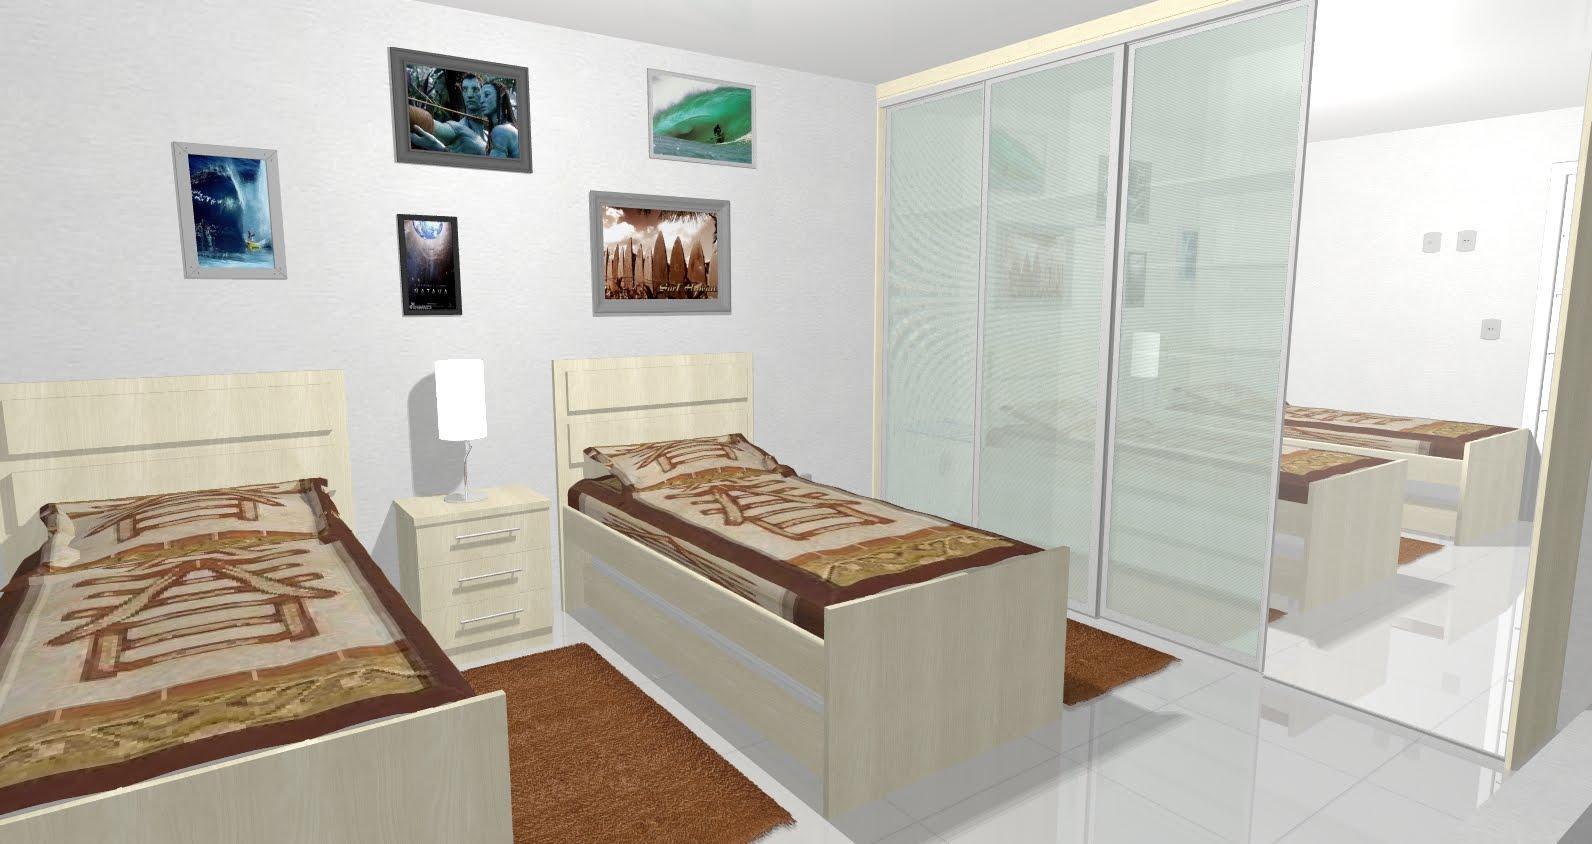 Eco design furniture abril 2010 for Medidas camas americanas